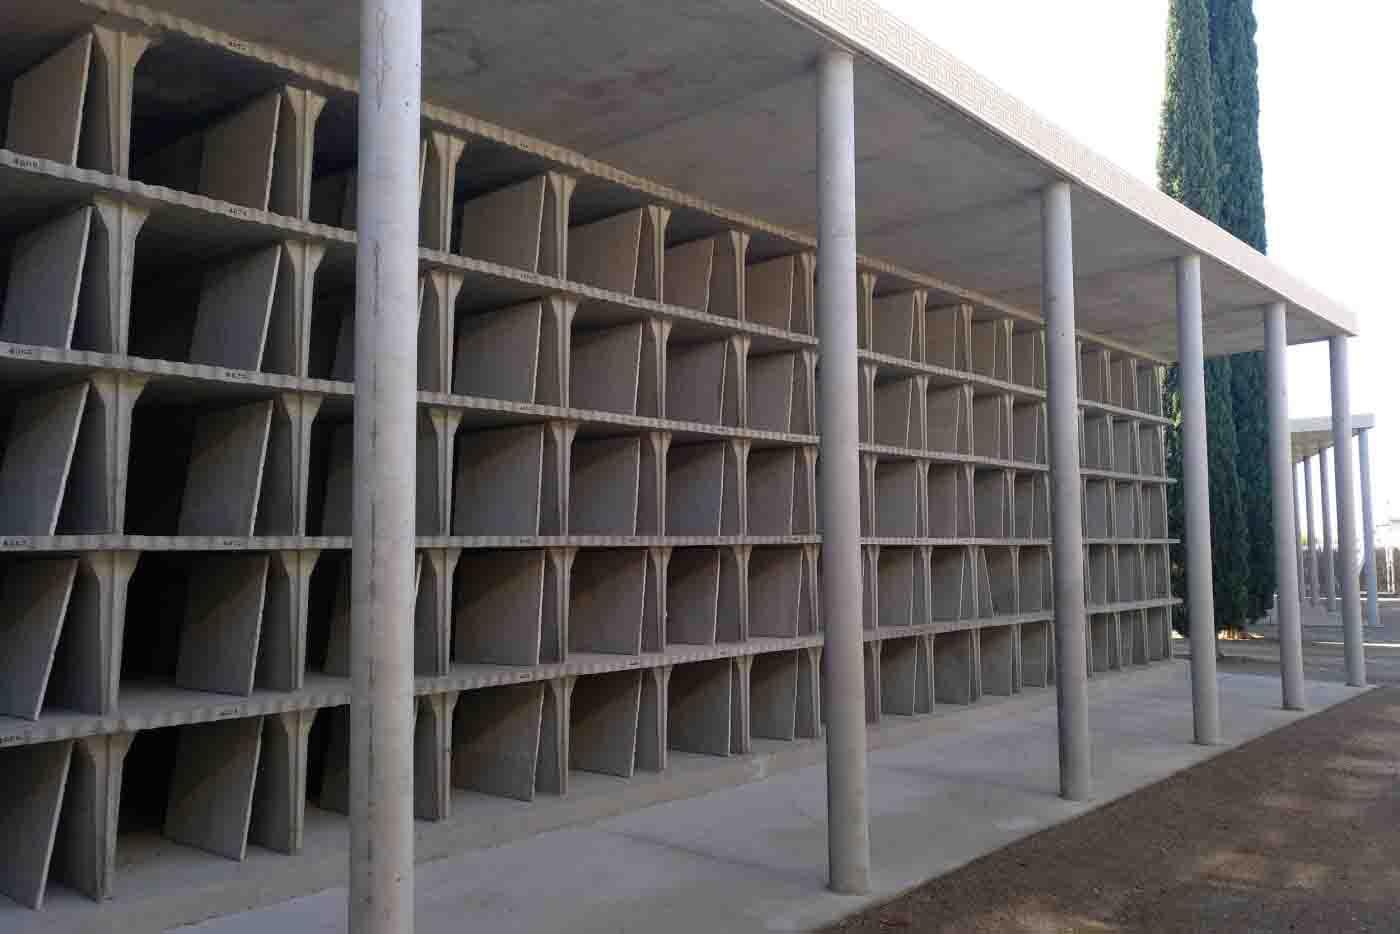 L'Ajuntament de Tàrrega construeix 90 nínxols en una nova fase d'ampliació del cementiri municipal